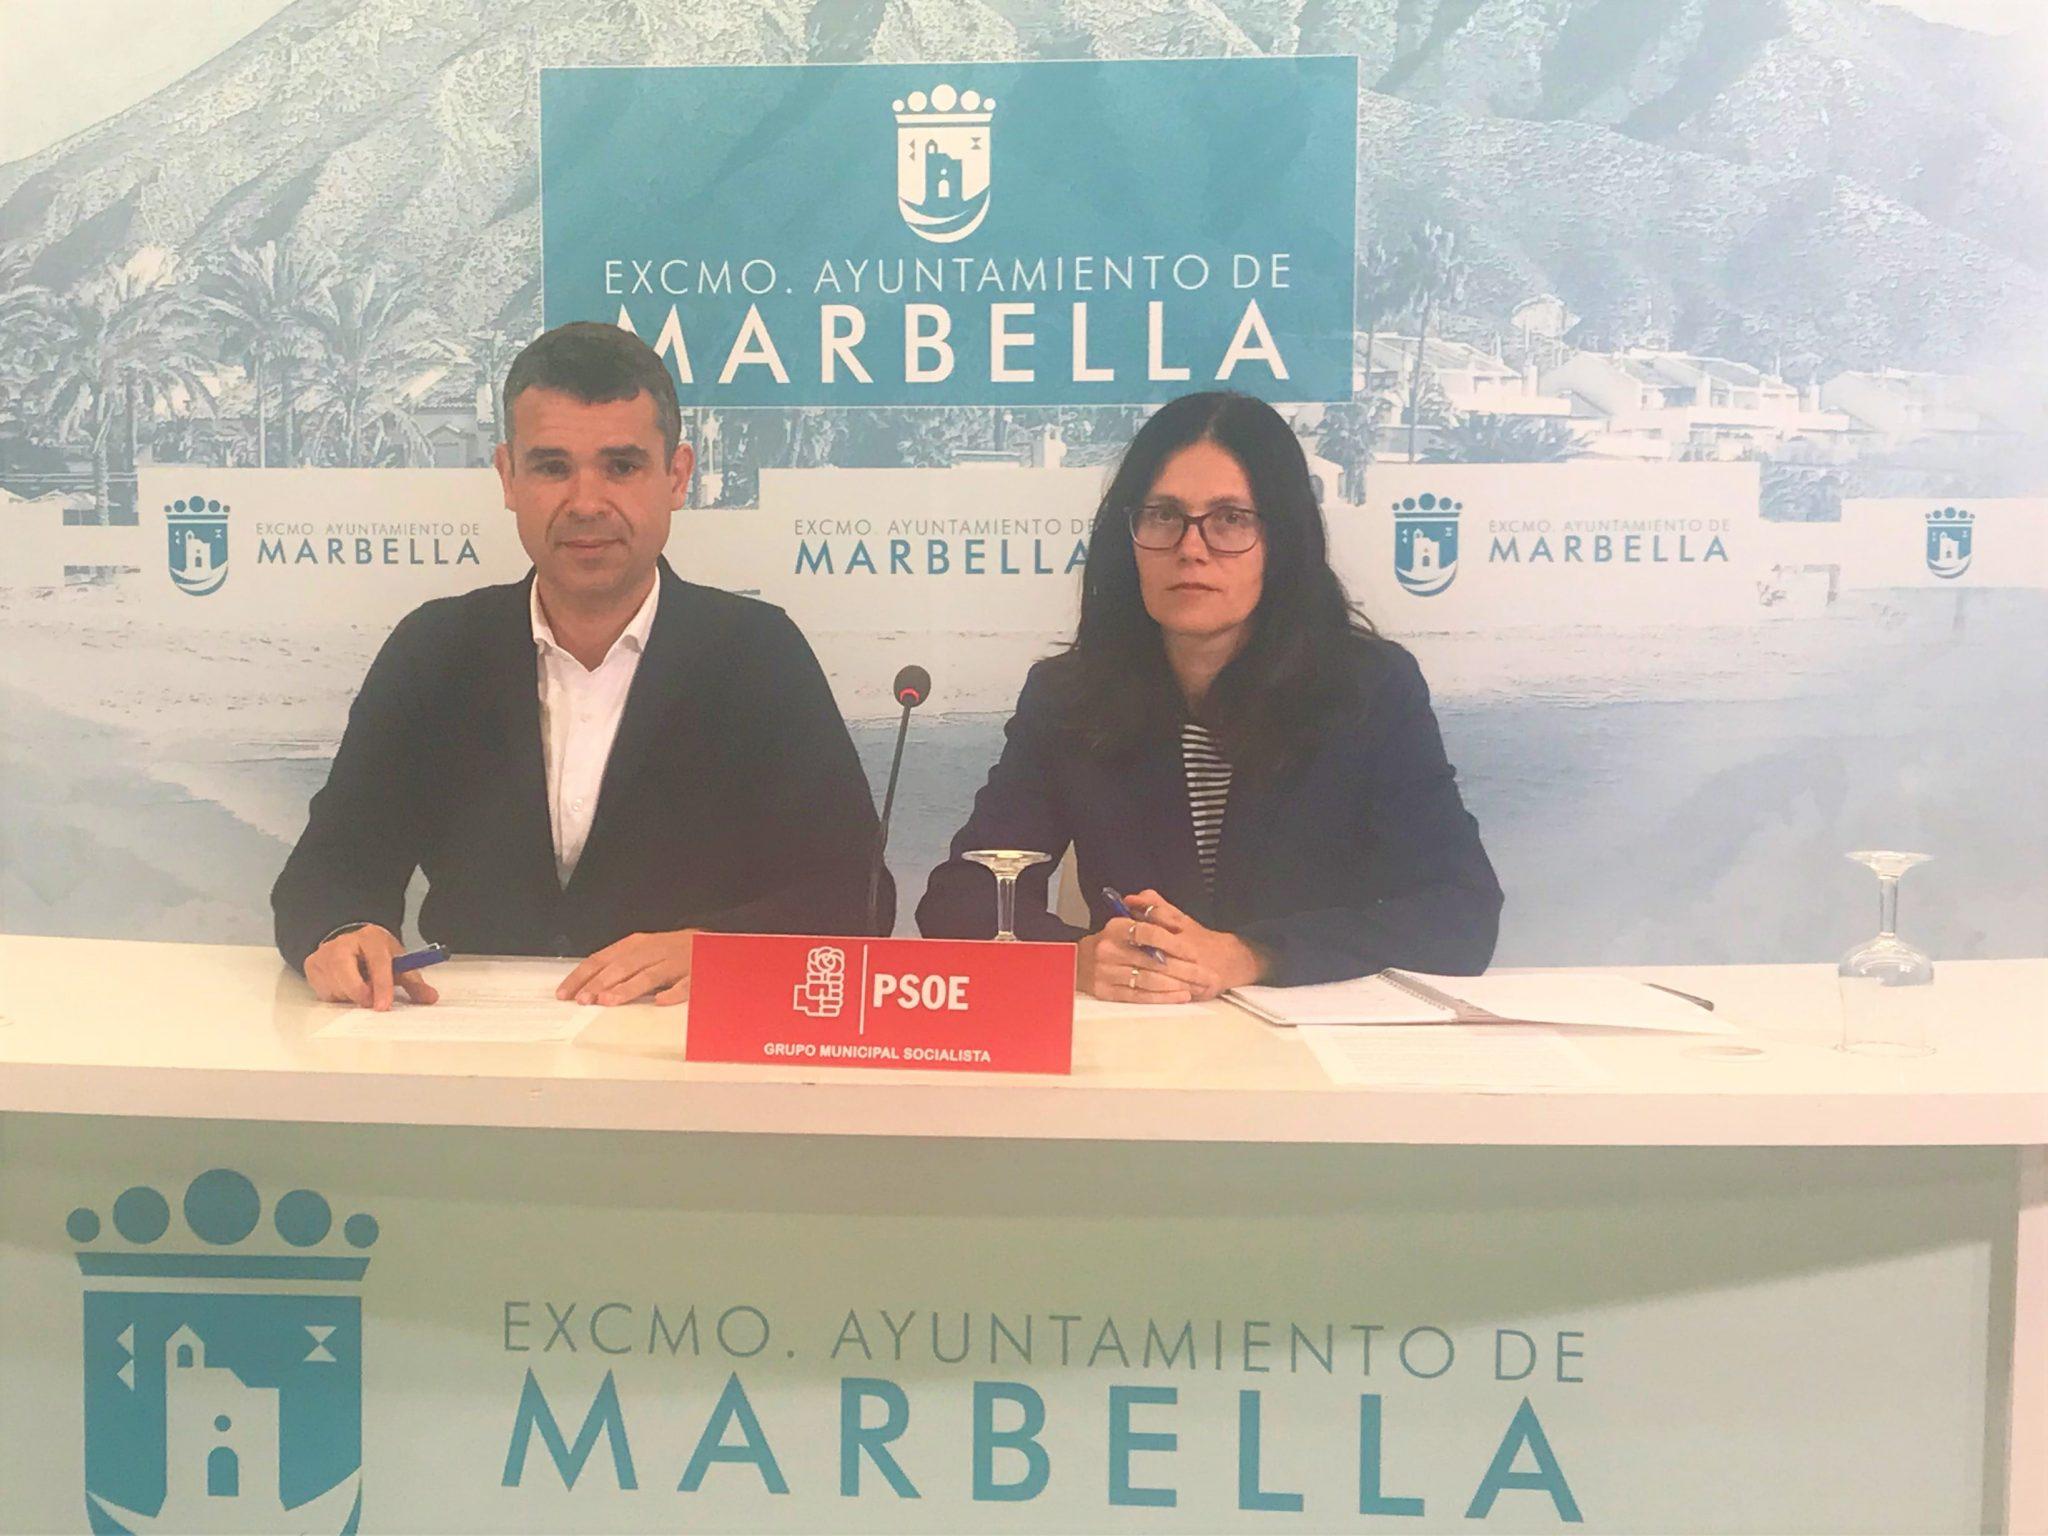 Los concejales del Grupo Municipal Socialista José Bernal e Isabel Pérez han anunciado hoy que el PSOE llevará a pleno que se declaren las viviendas sociales del municipio de especial interés o utilidad pública para que se les pueda bonificar un 95 por ciento el Impuesto de Bienes Inmuebles (IBI)